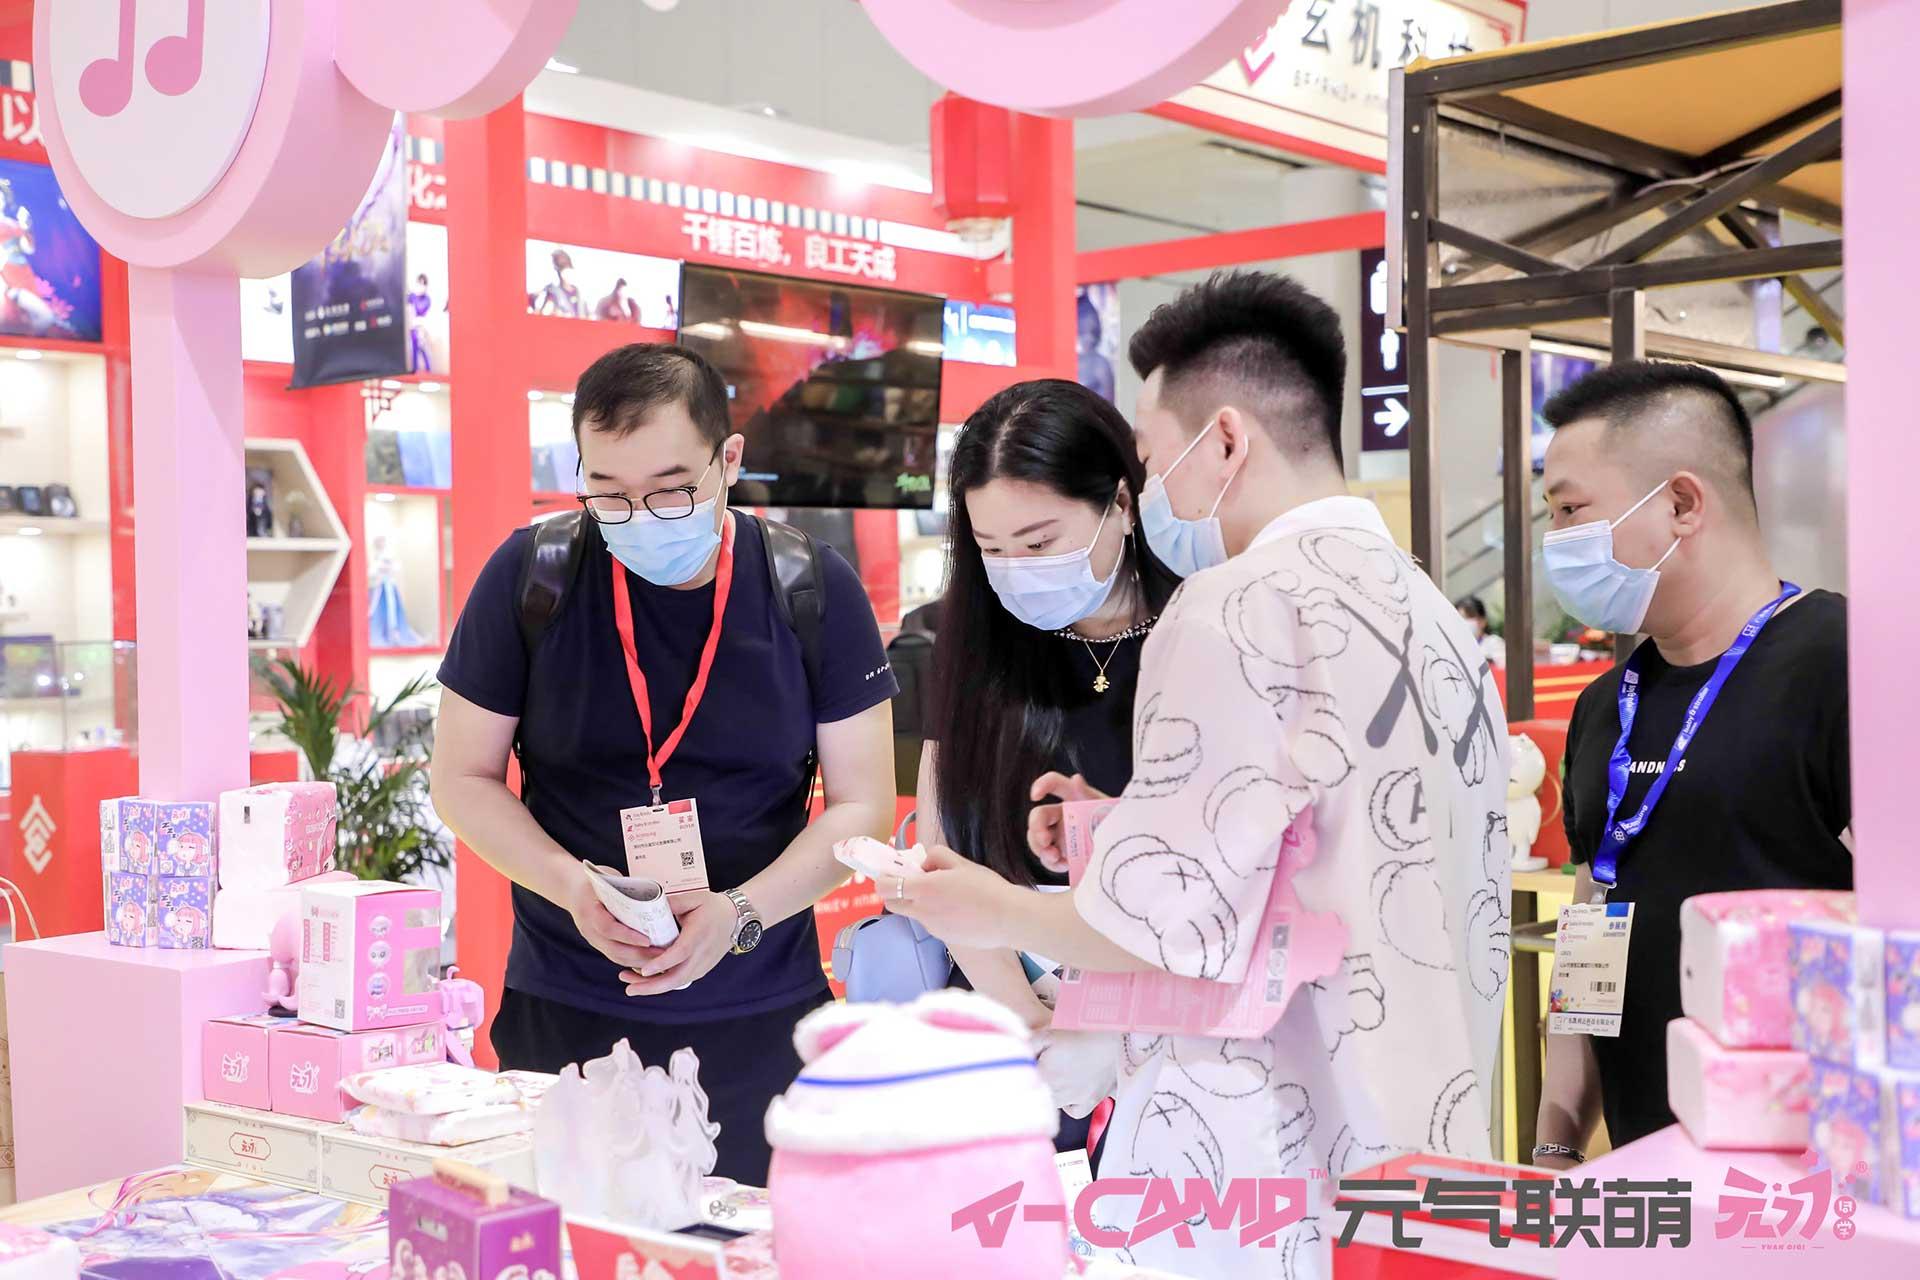 七七现身深圳国际授权展,乳霜纸巾首次惊艳亮相-翼萌网